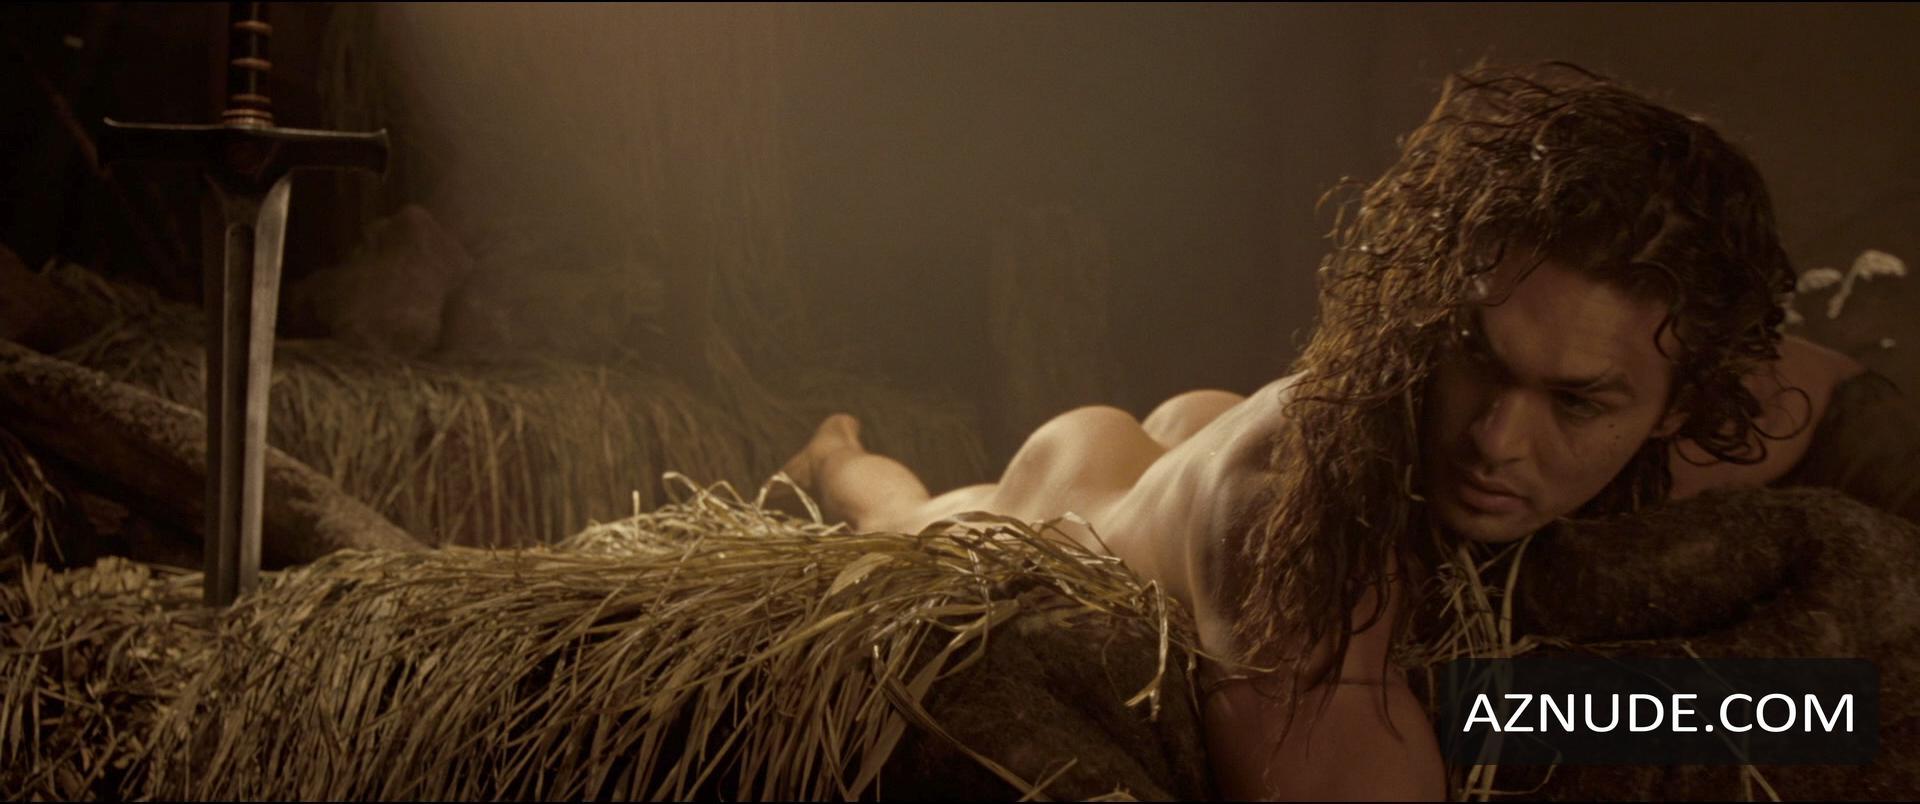 Conan The Barbarian Nude Scenes - Aznude Men-4554